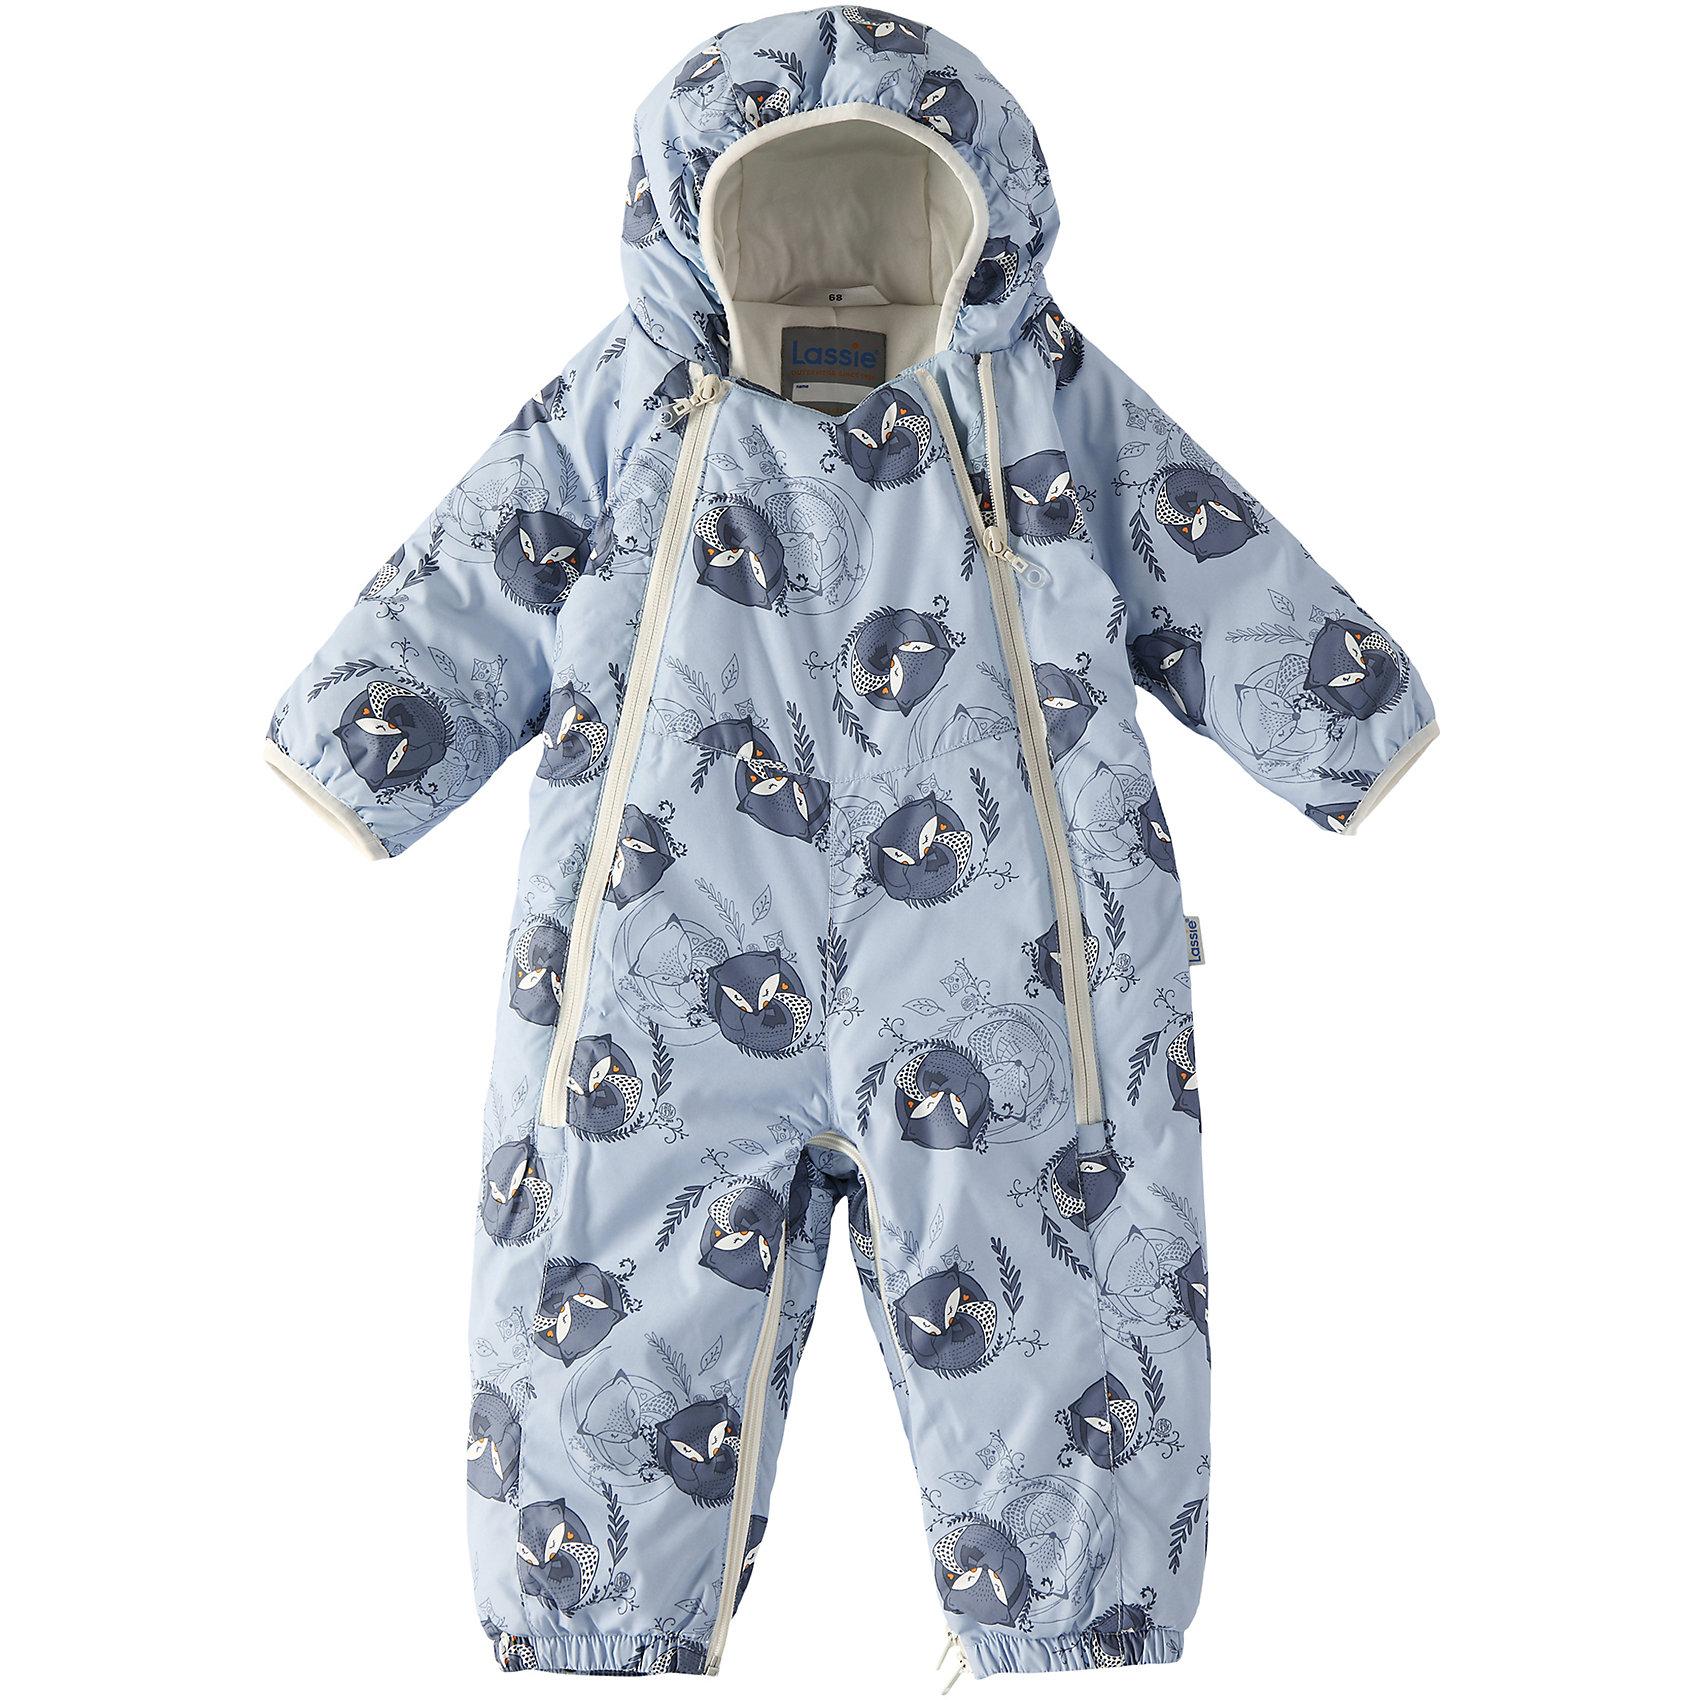 Комбинезон LassieОдежда<br>Зима пришла! Этот прелестный зимний комбинезон для новорожденных и малышей – идеальное решение для холодных зимних деньков! Он легко превращается в конверт. Красивая мягкая внутренняя подкладка из смеси хлопка и эластана приятна к телу и обеспечивает дополнительное утепление, а длинные молнии спереди облегчают надевание. Полезные детали: съемные штрипки, благодаря которым брючины не будут задираться, и безопасный съемный капюшон.<br>Состав:<br>100% Полиэстер<br><br>Ширина мм: 356<br>Глубина мм: 10<br>Высота мм: 245<br>Вес г: 519<br>Цвет: серый<br>Возраст от месяцев: 12<br>Возраст до месяцев: 15<br>Пол: Унисекс<br>Возраст: Детский<br>Размер: 80,62,68,74<br>SKU: 6905343